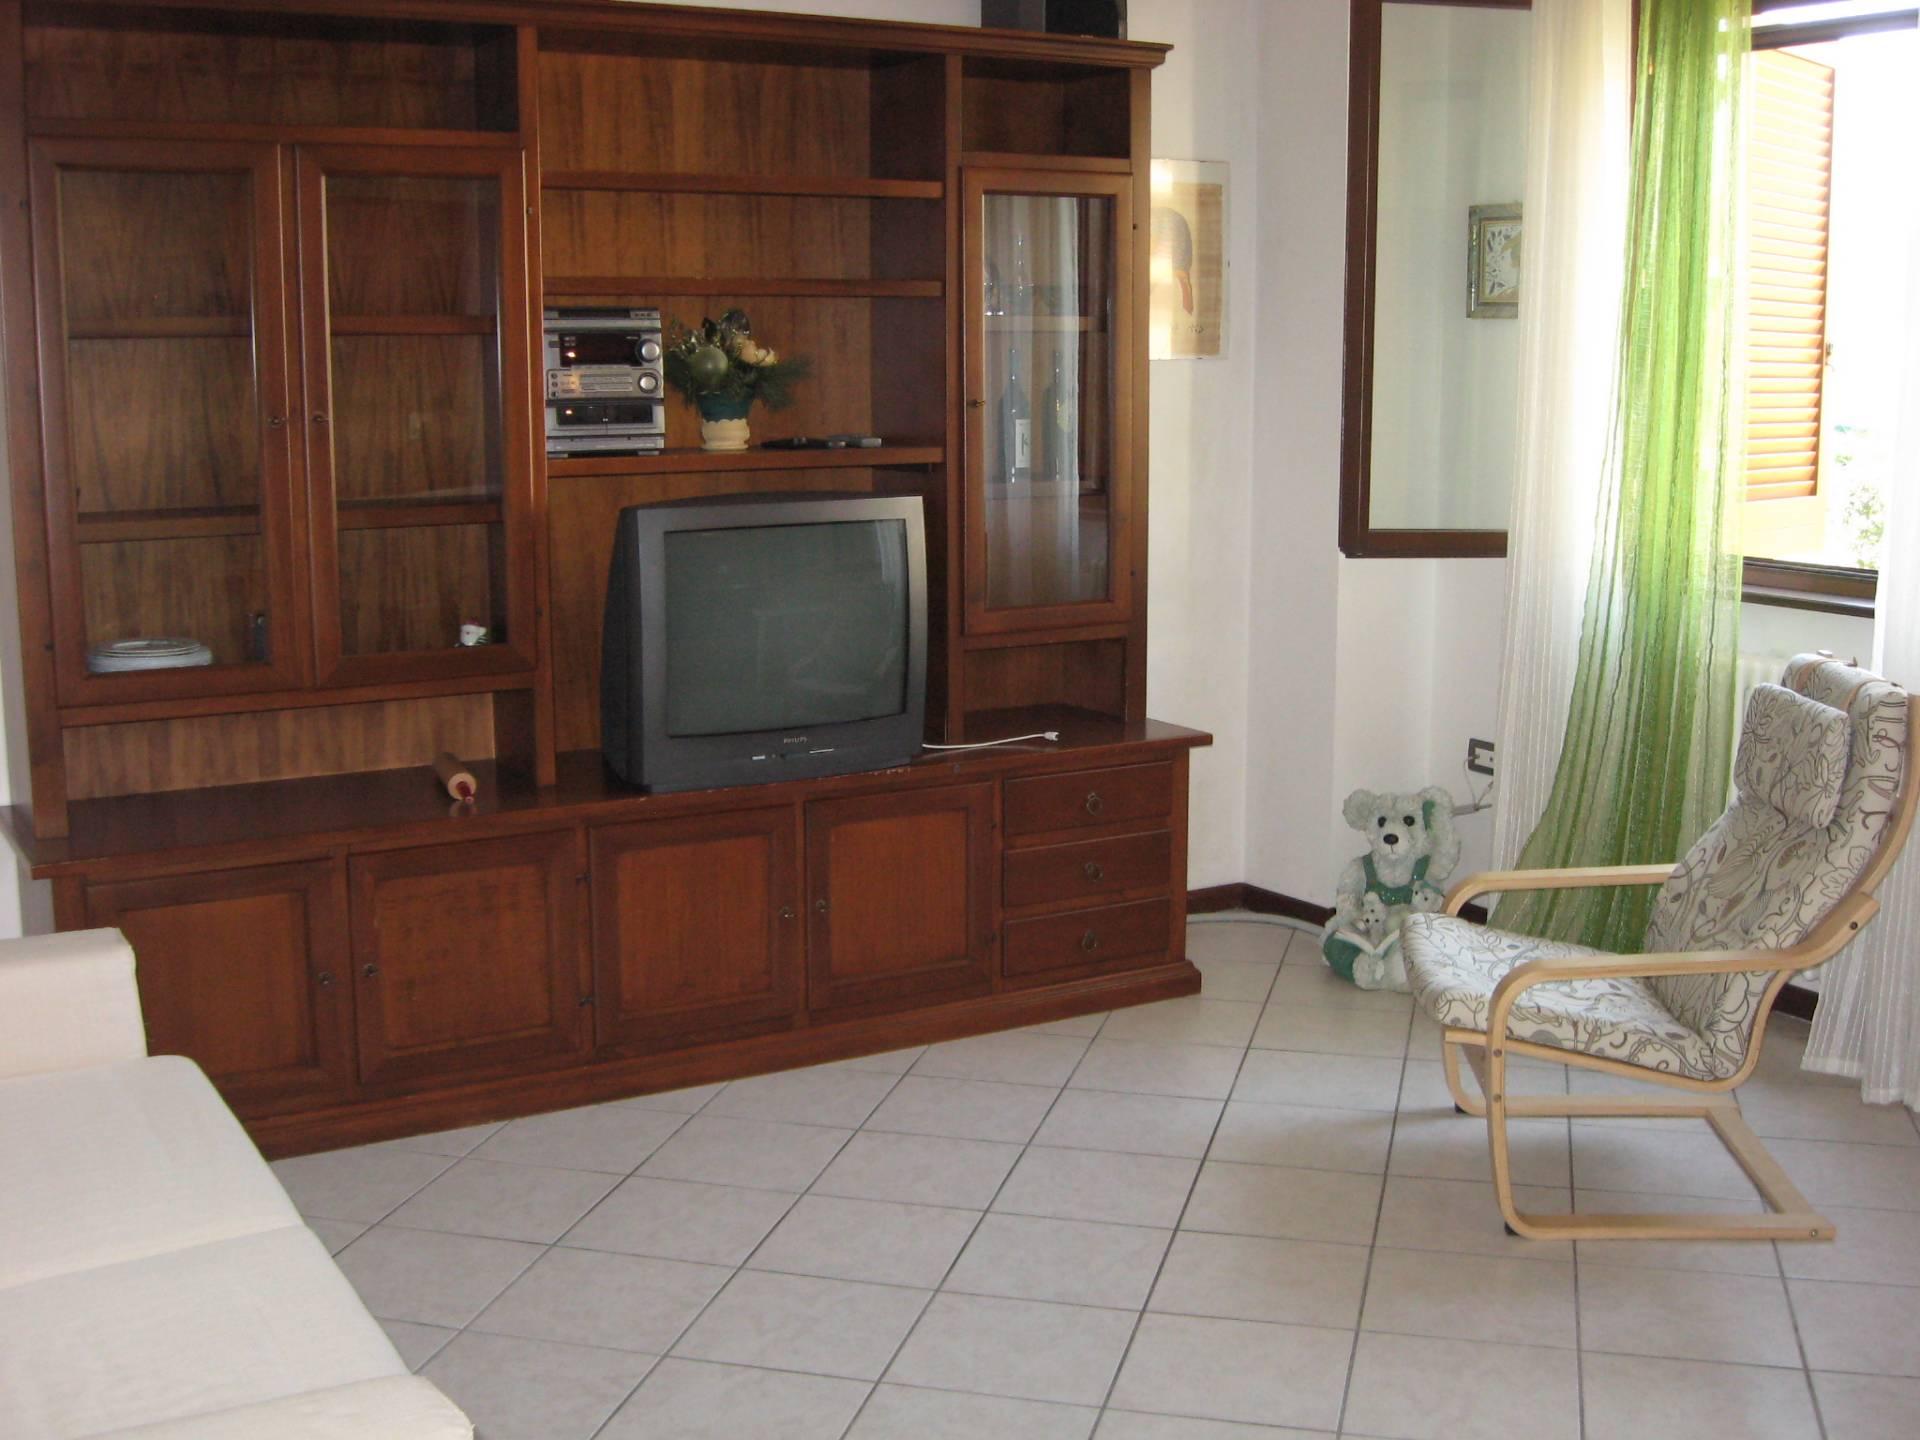 Appartamento in vendita a Fabriano, 2 locali, prezzo € 115.000   CambioCasa.it